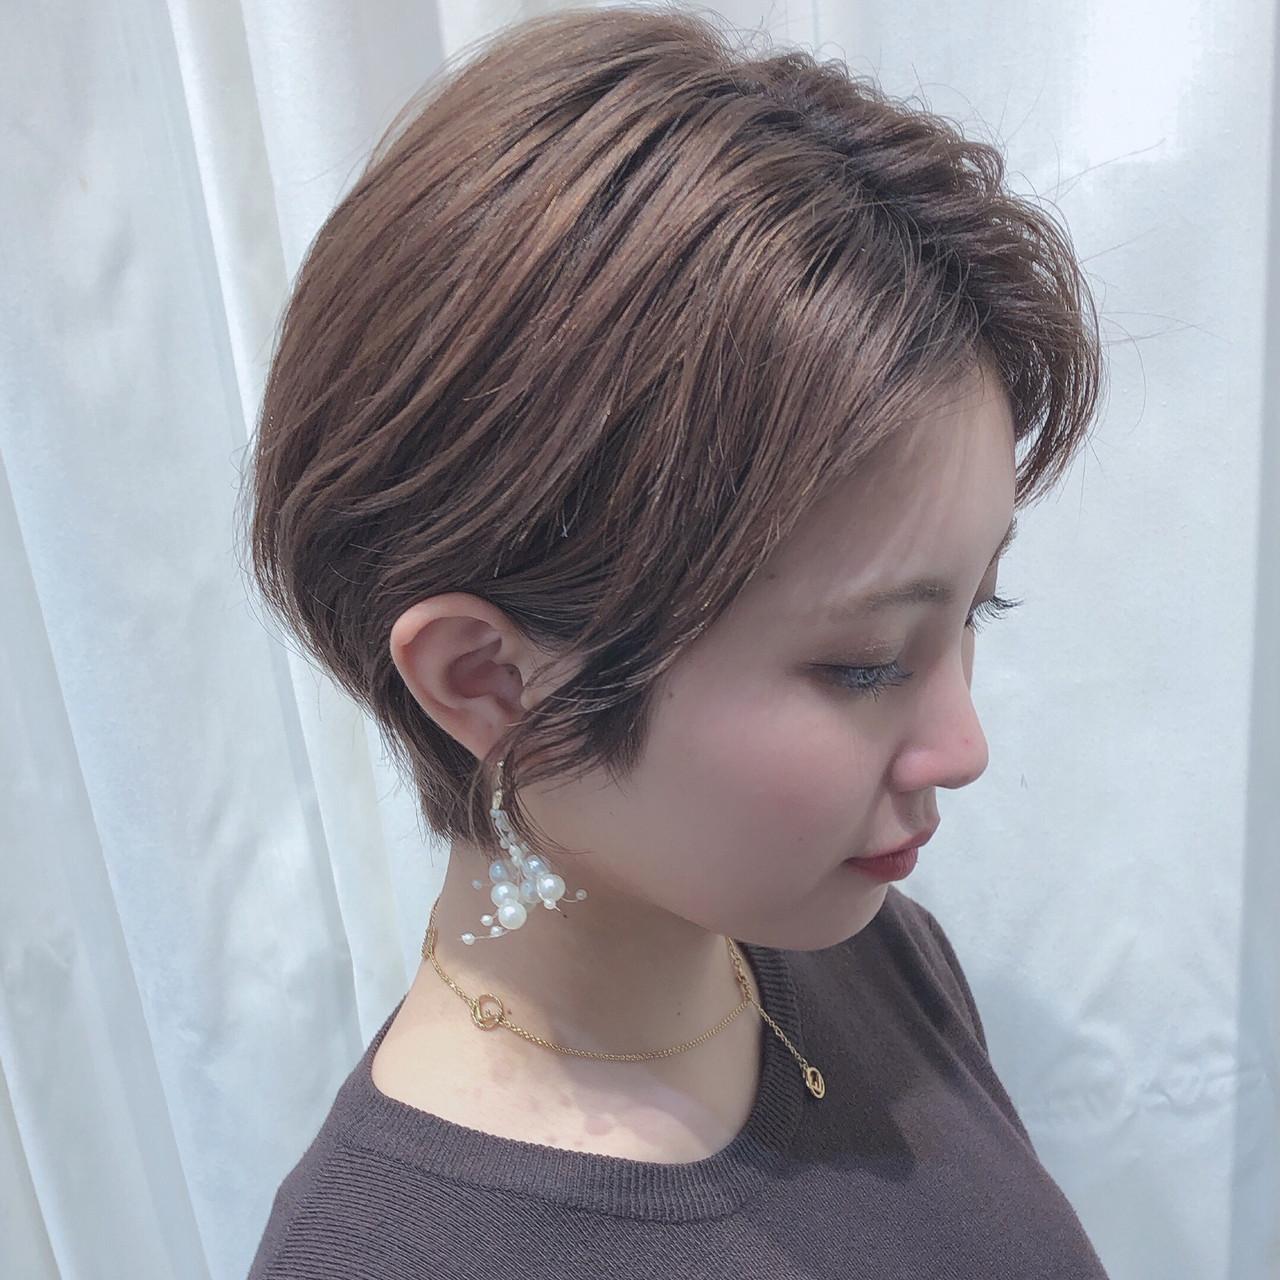 かきあげバング ナチュラル ショートヘア 耳かけ ヘアスタイルや髪型の写真・画像